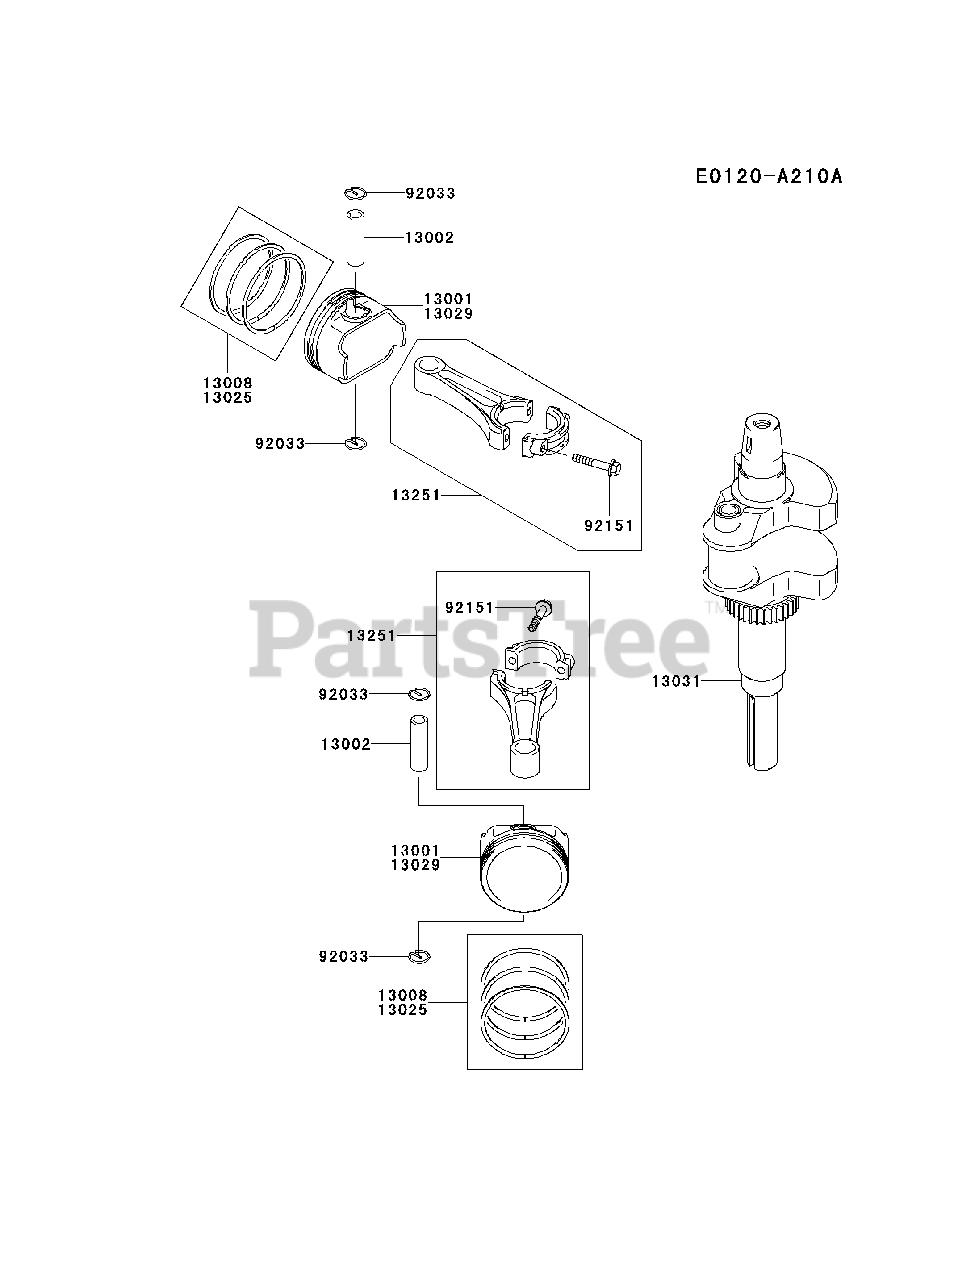 Kawasaki FH680V-AS24 - Kawasaki Engine PISTON/CRANKSHAFT ... on kawasaki fh601v parts, kawasaki prairie 300 carb diagram, kawasaki fc150v parts diagram, mahindra parts diagrams, mtd parts diagrams, kawasaki fb460v parts list, kawasaki ga 2300a generator parts, kawasaki oem parts diagram, bush hog parts diagrams, long tractor engine parts diagrams, kawasaki fh580v parts, kawasaki ga1000a generator parts, kawasaki fh680v parts electric clutch, kawasaki fc420v parts diagram, kawasaki replacement engines, caterpillar engine parts diagrams, kawasaki mule parts diagram, small four-stroke engine diagrams, exmark parts diagrams, kawasaki 250 parts diagram,